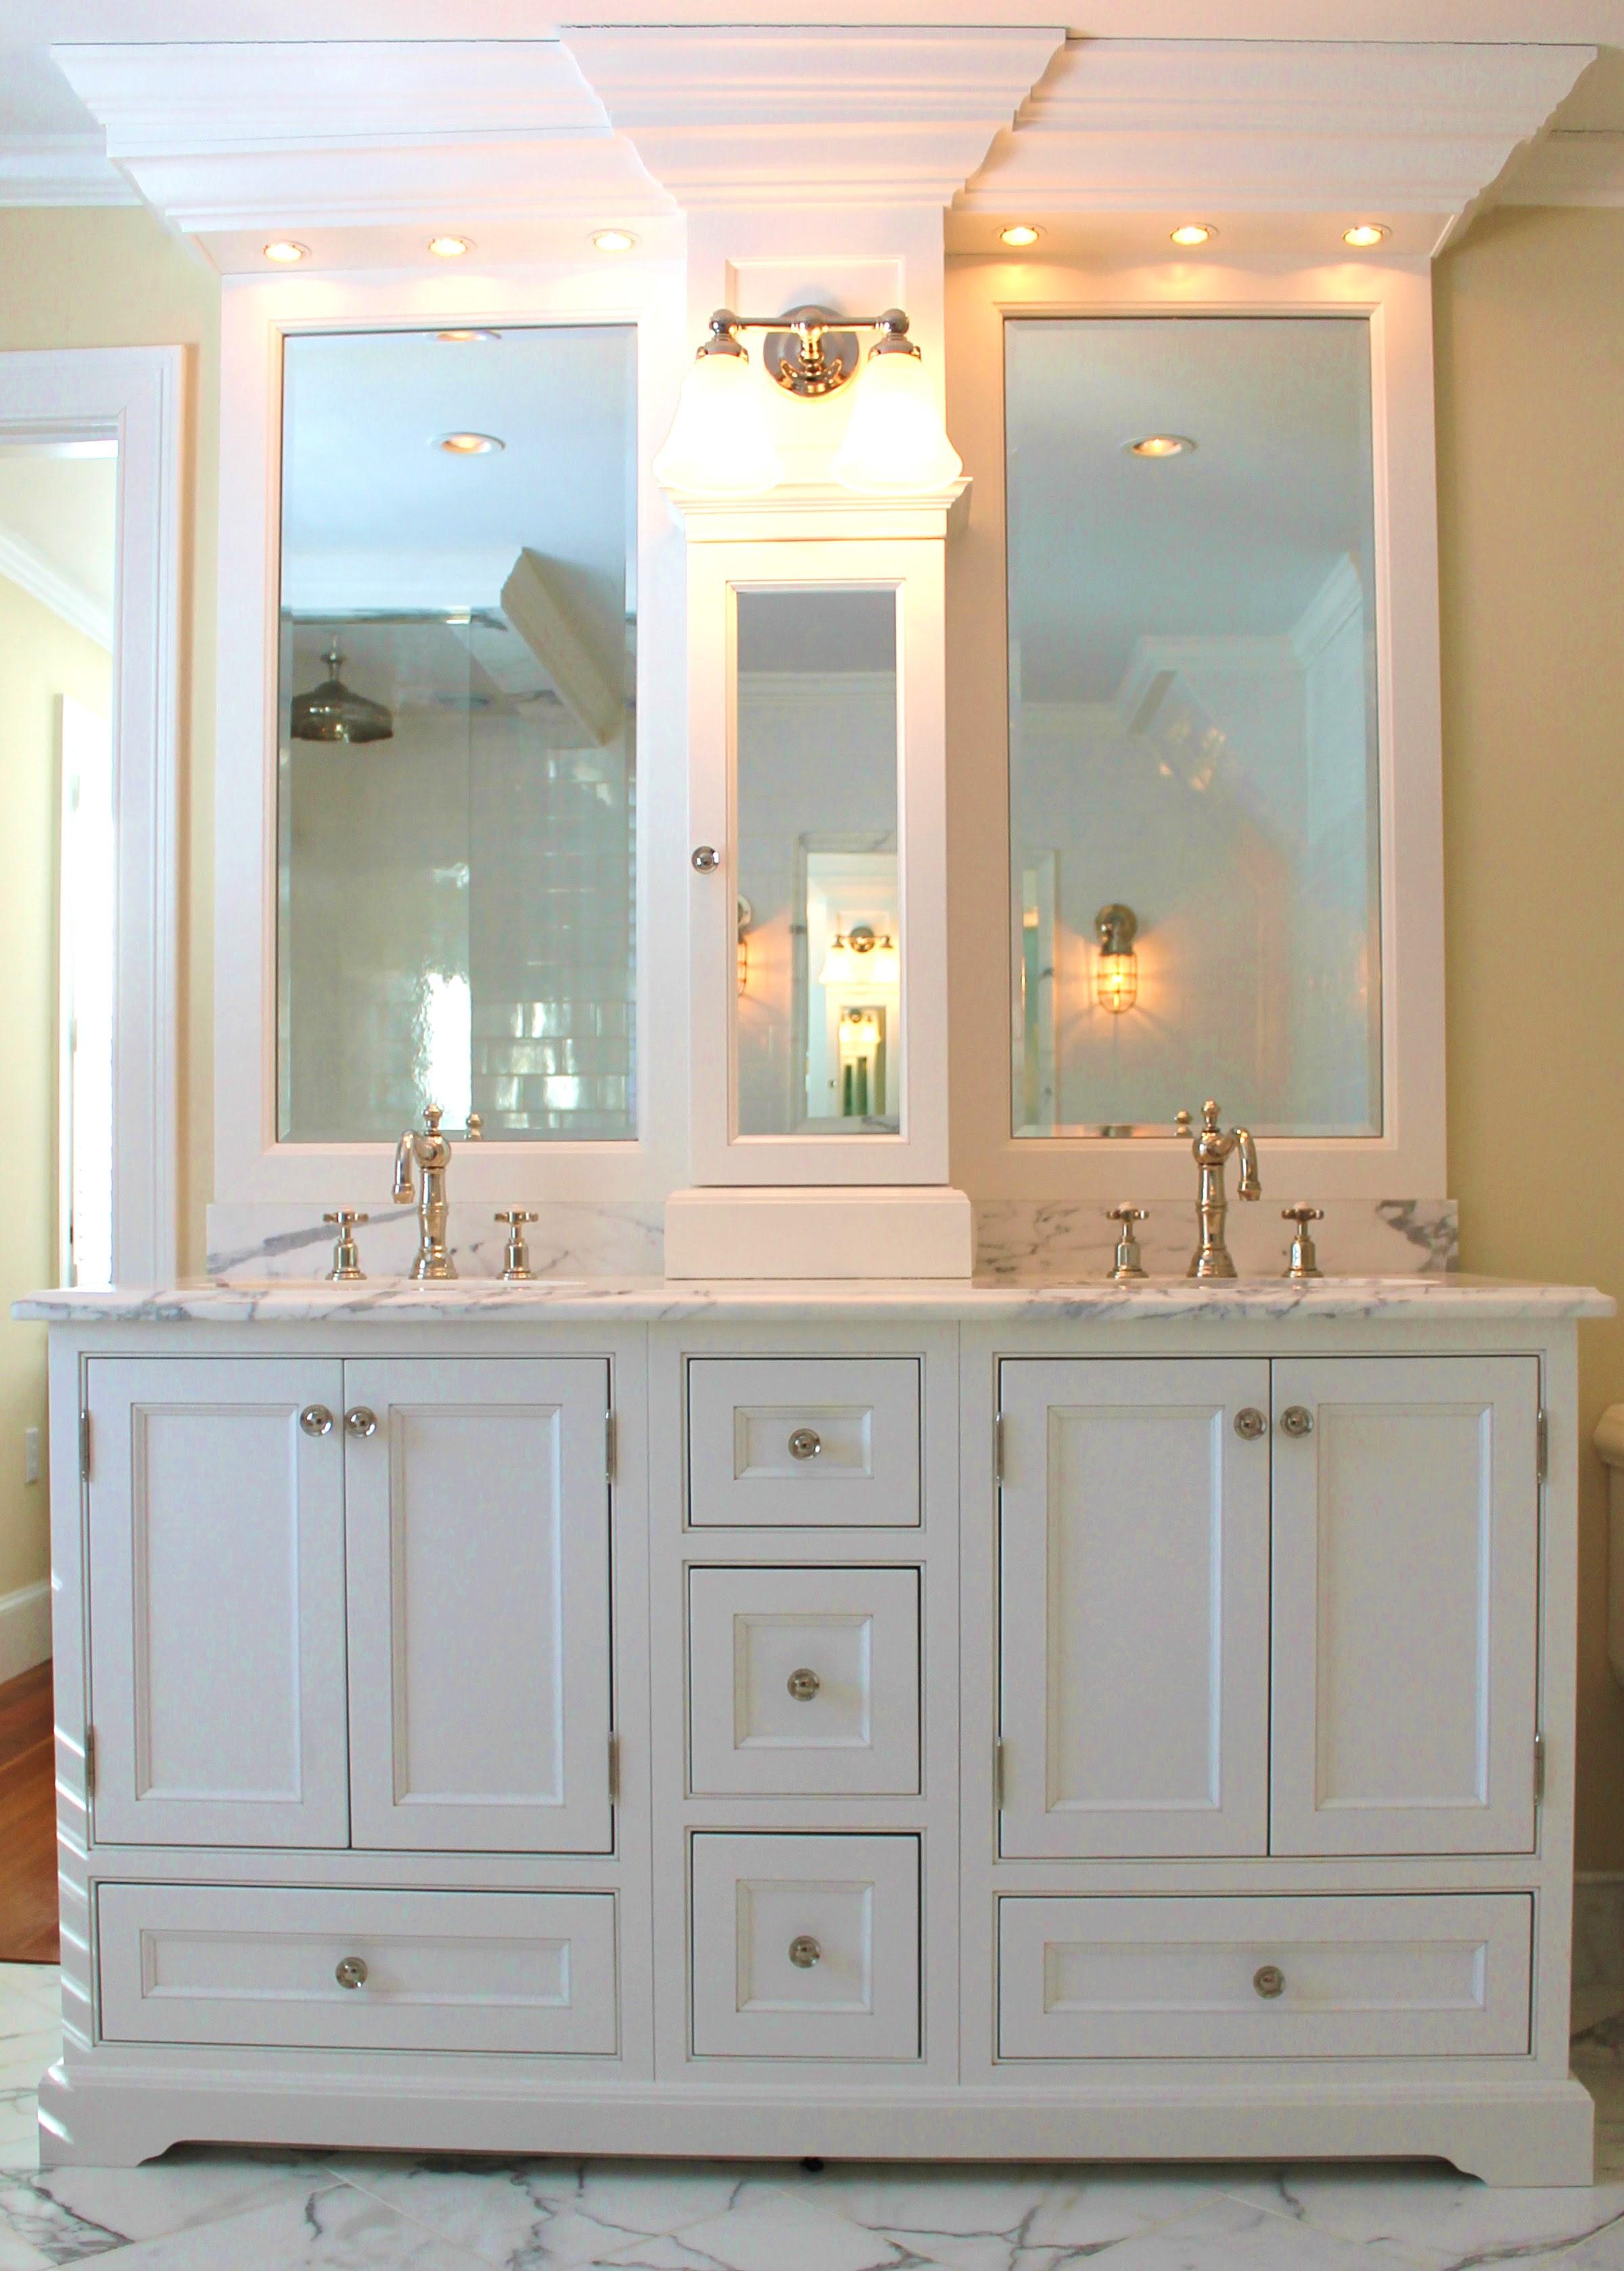 Bathroom Remodeling Bathroom Remodel Bathroom Renovations Cape